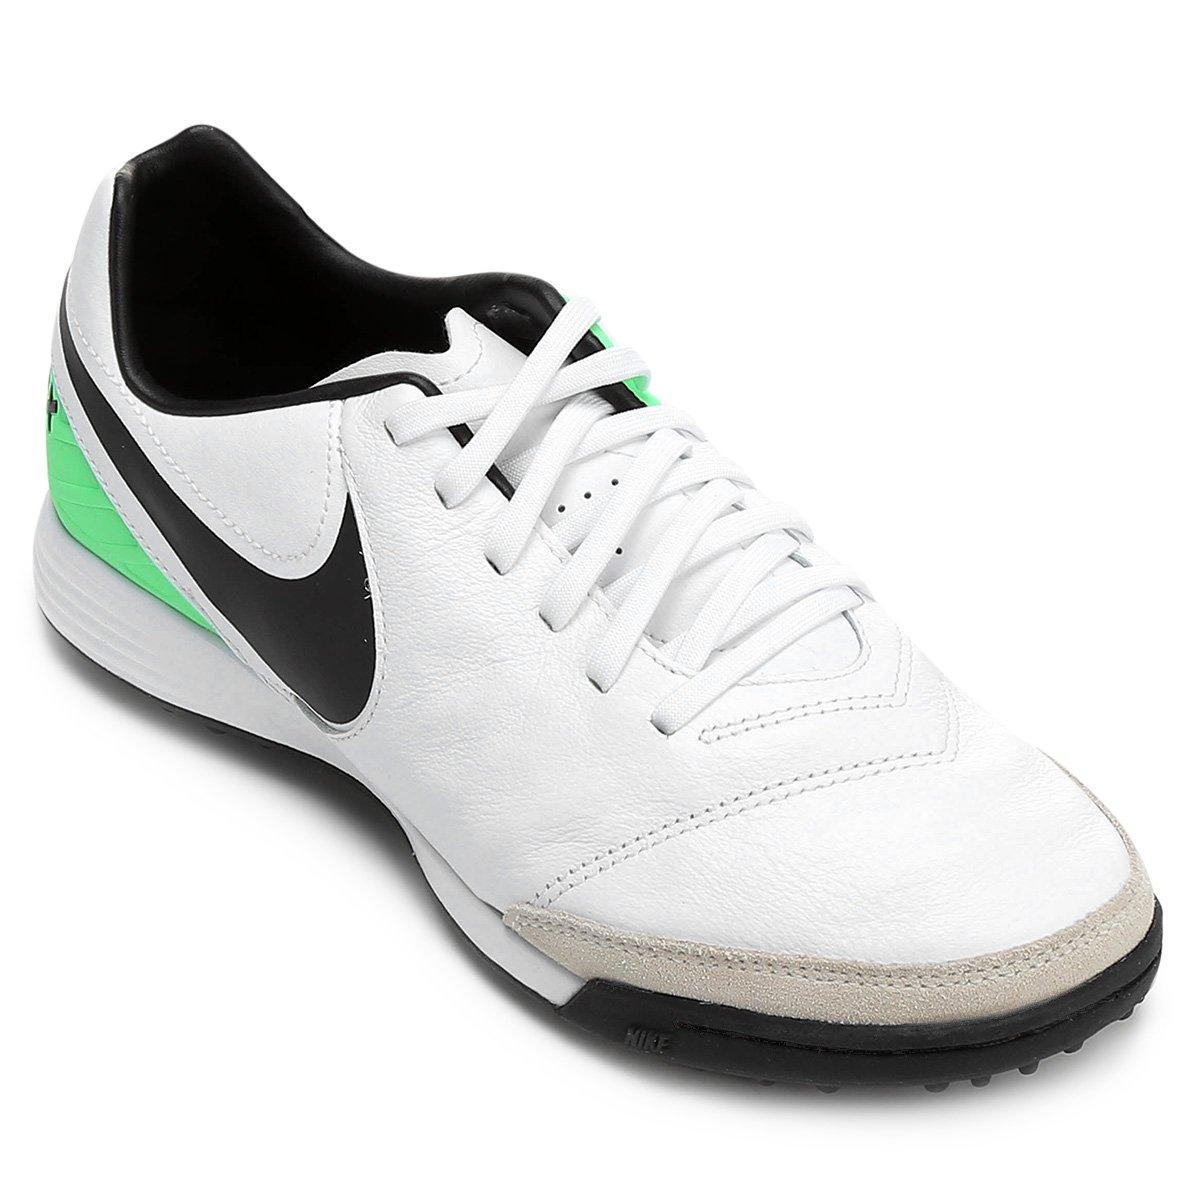 Chuteira Society Nike Tiempo Mystic 5 TF - Branco e Verde - Compre ... 3a2fc5dd945c3